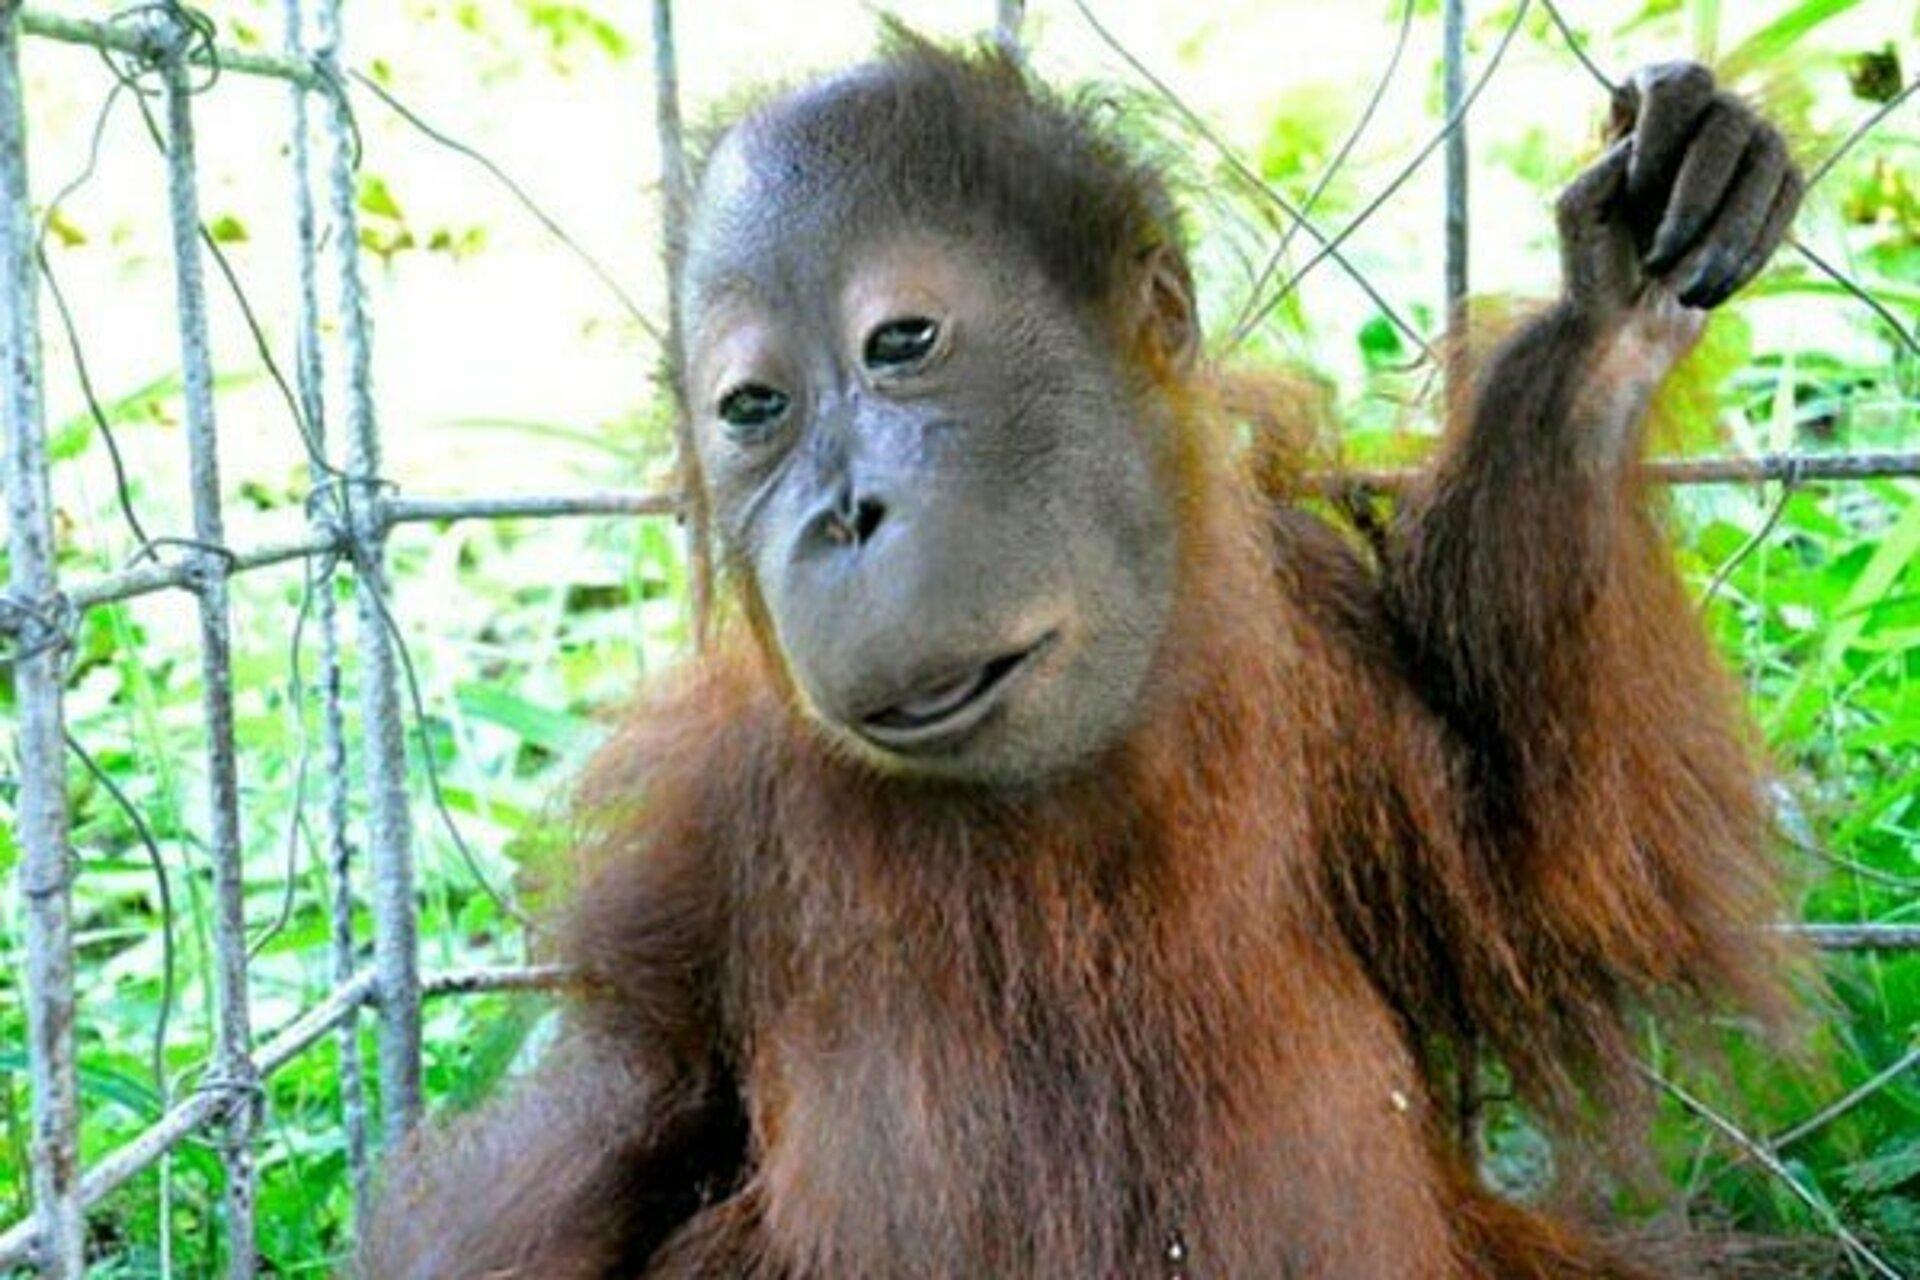 اجمل صور الحيوانات 2021 9